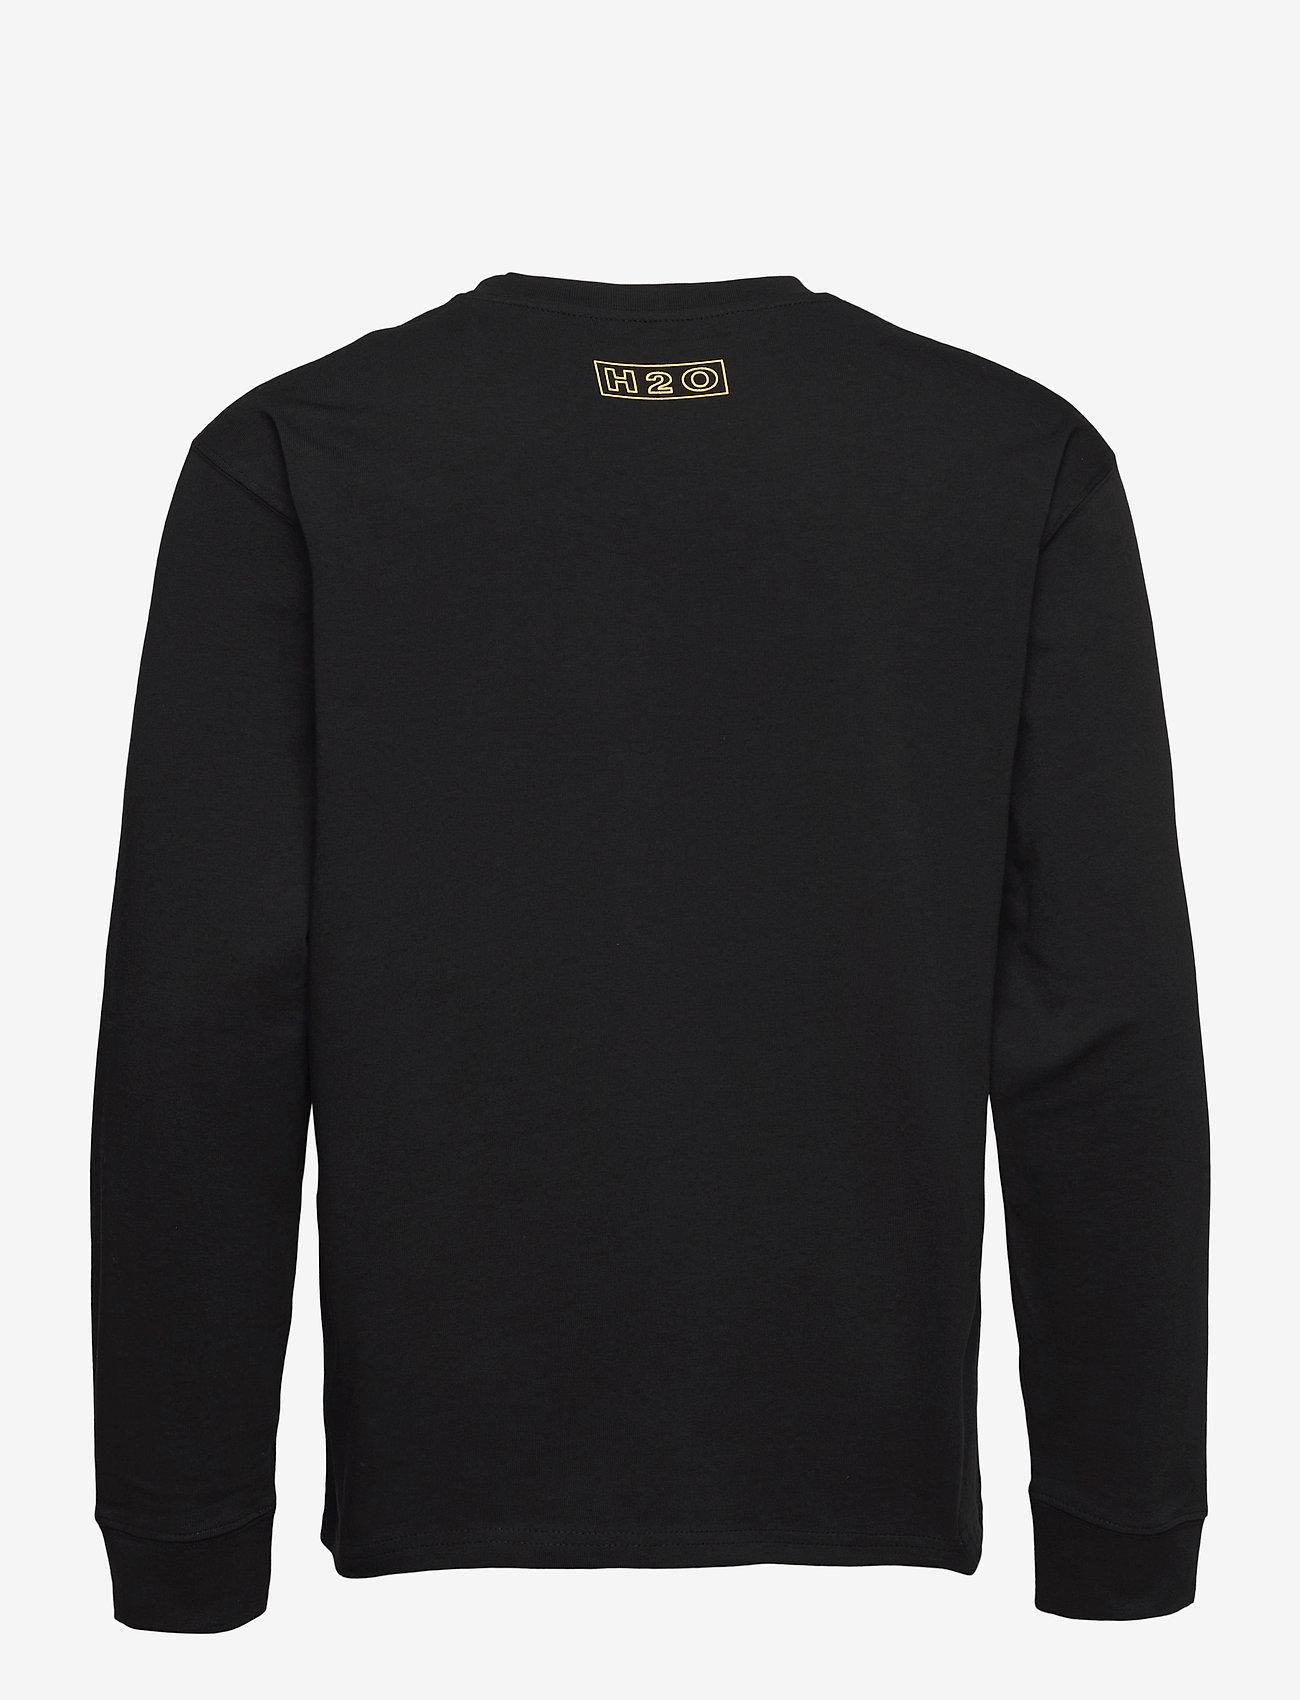 H2O - Romø Tee L/S - langærmede t-shirts - black - 1